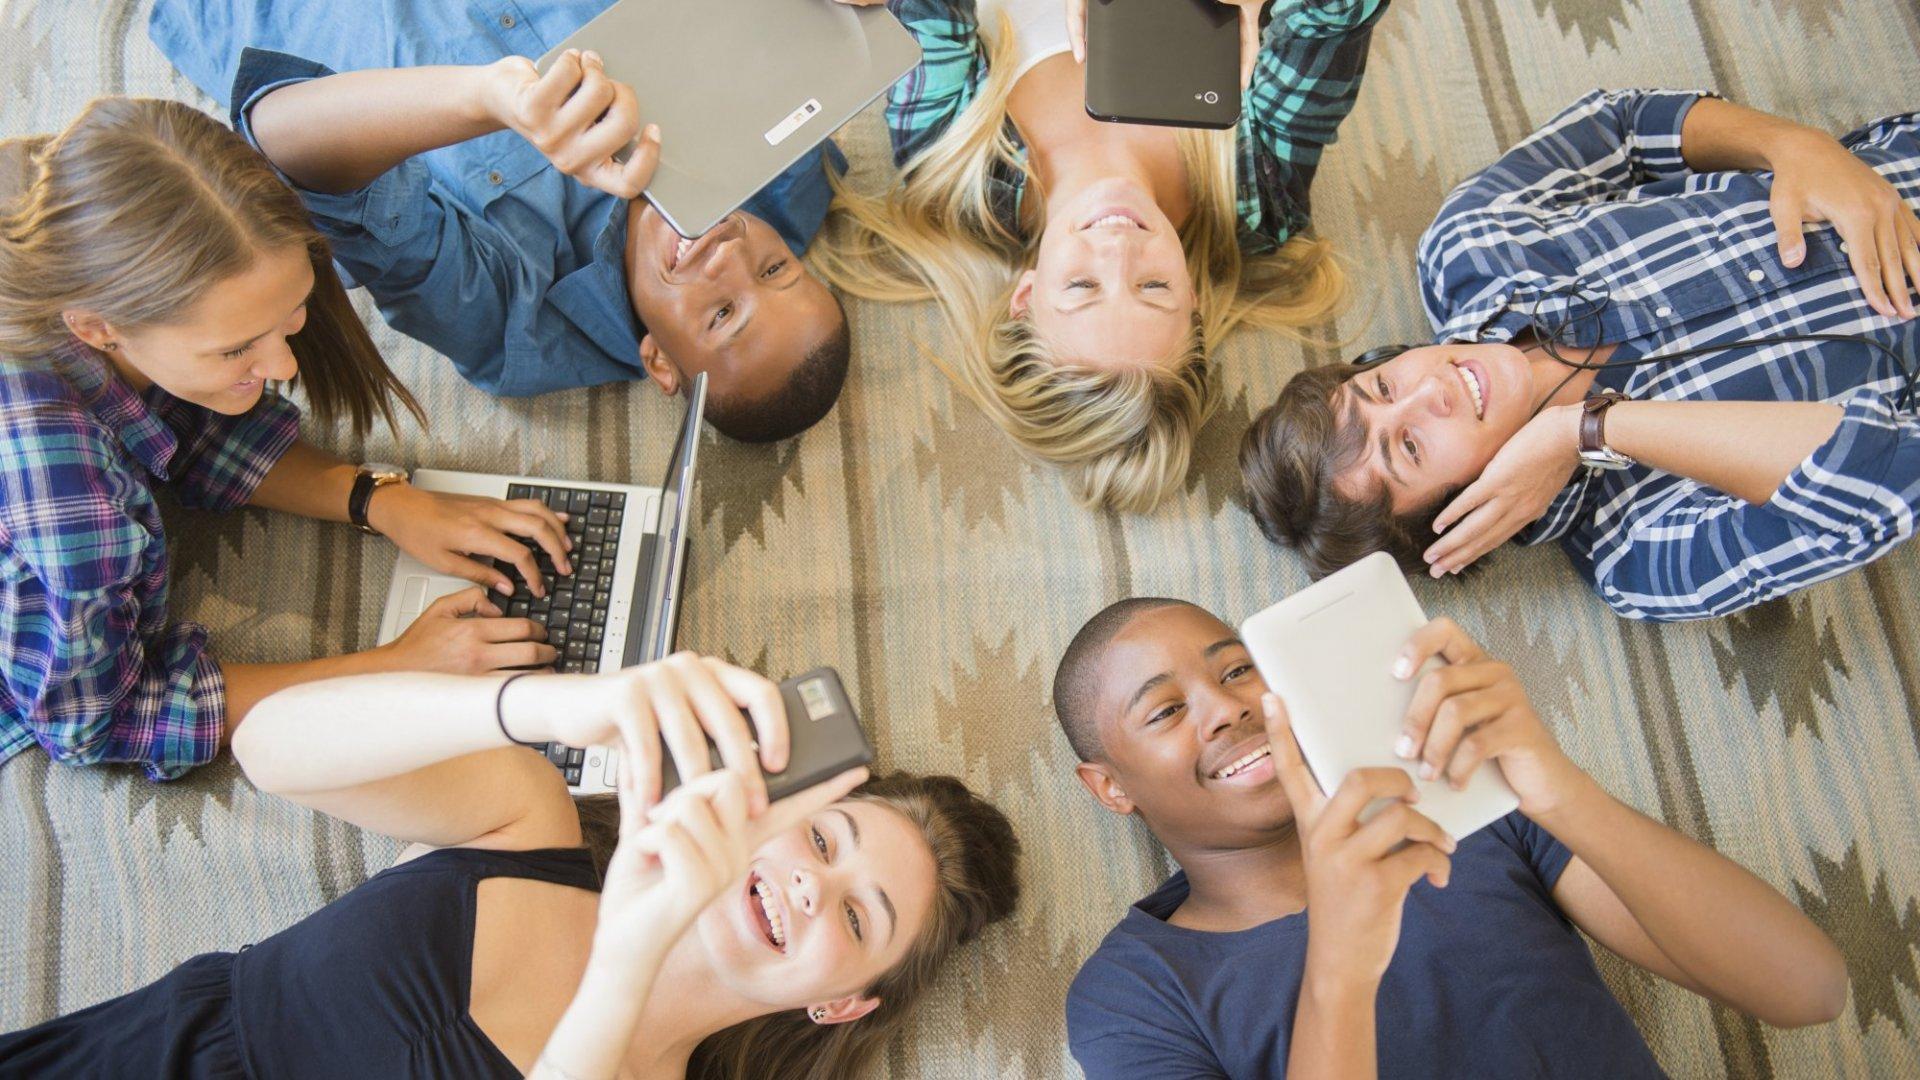 Social Media Teenage Allstars: 13 of Today's Best